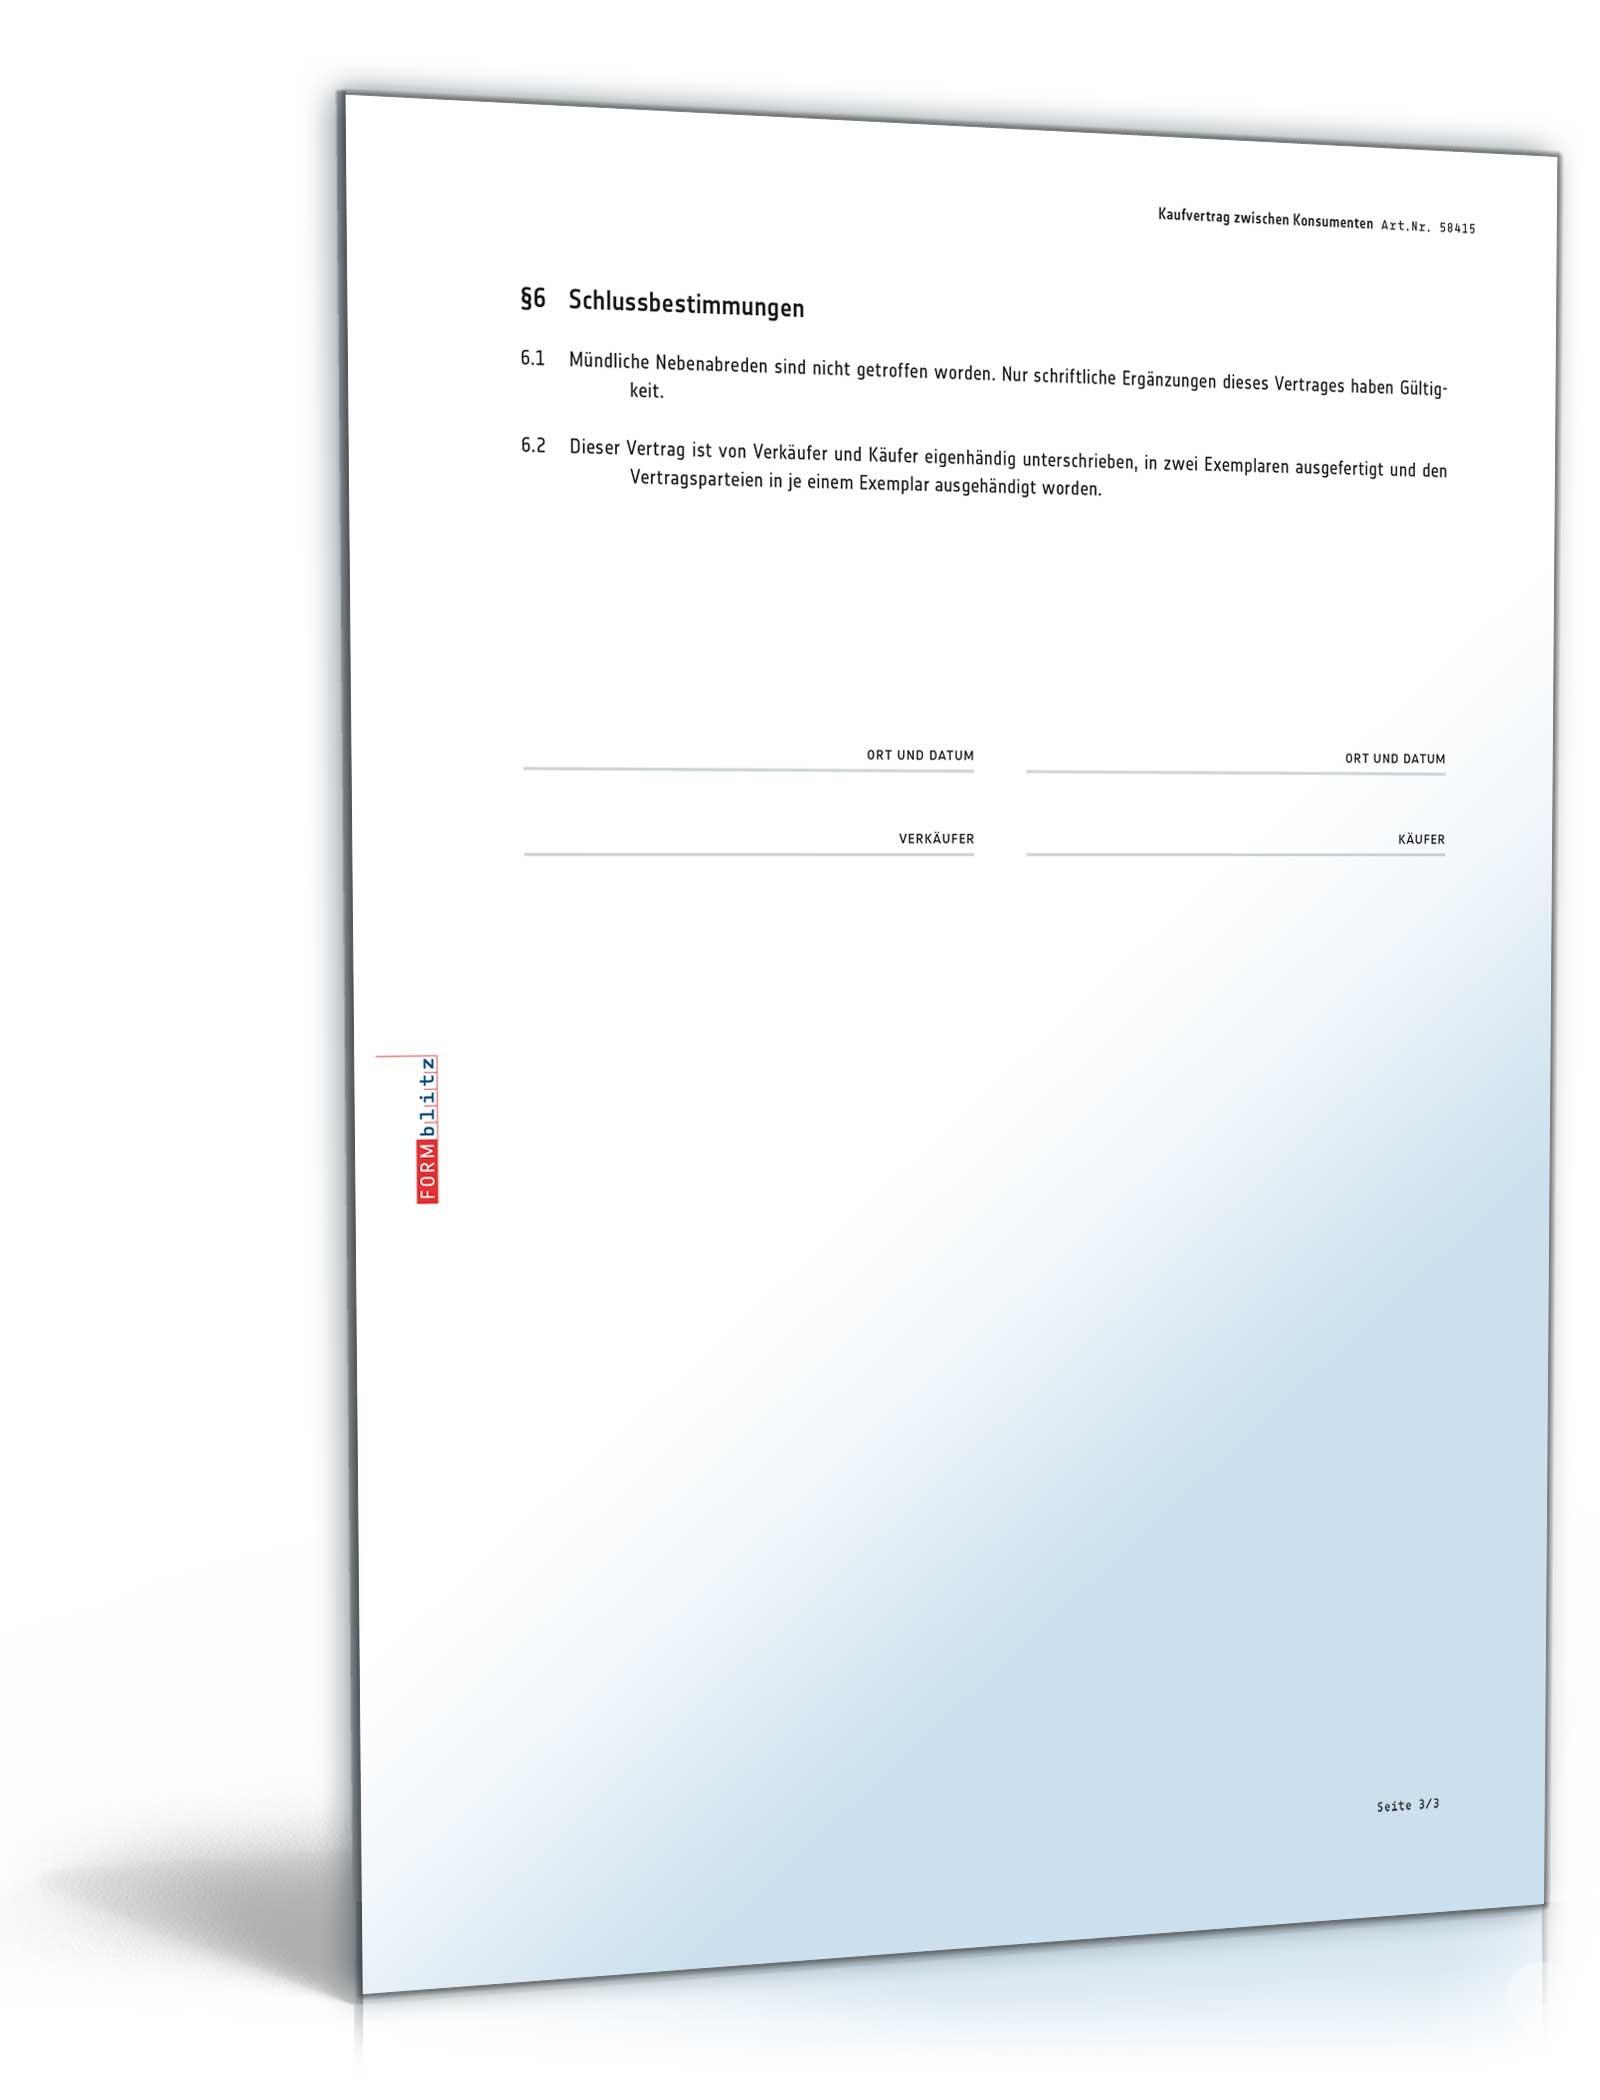 Ziemlich Land Kaufvertrag Vorlage Bilder - Entry Level Resume ...